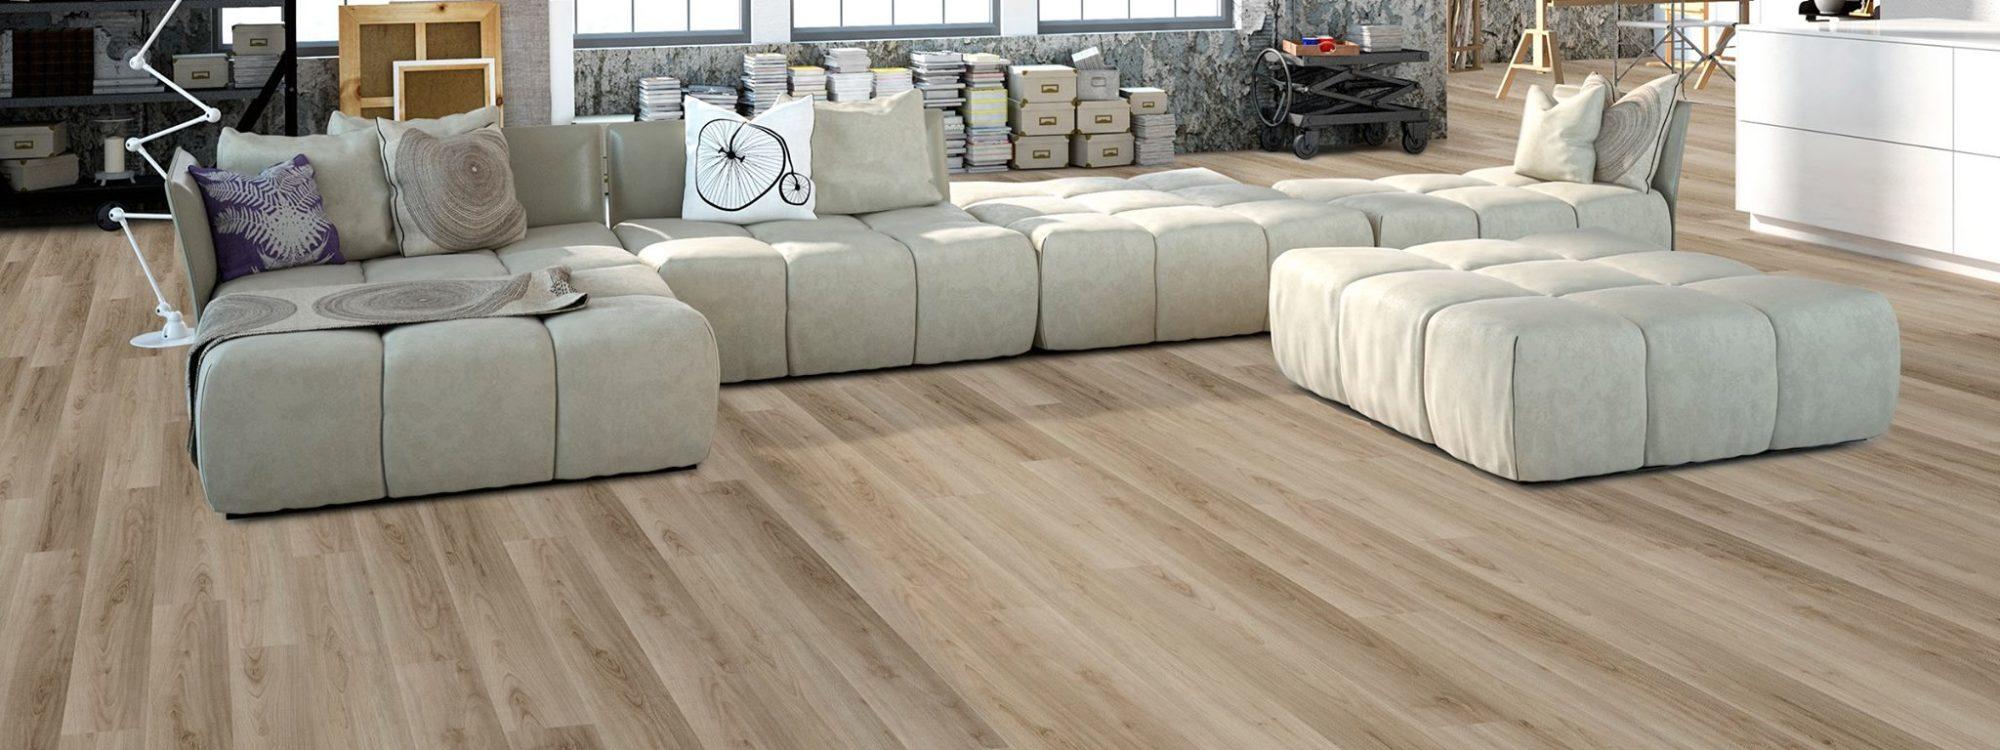 Vinyle plancher soussol humide